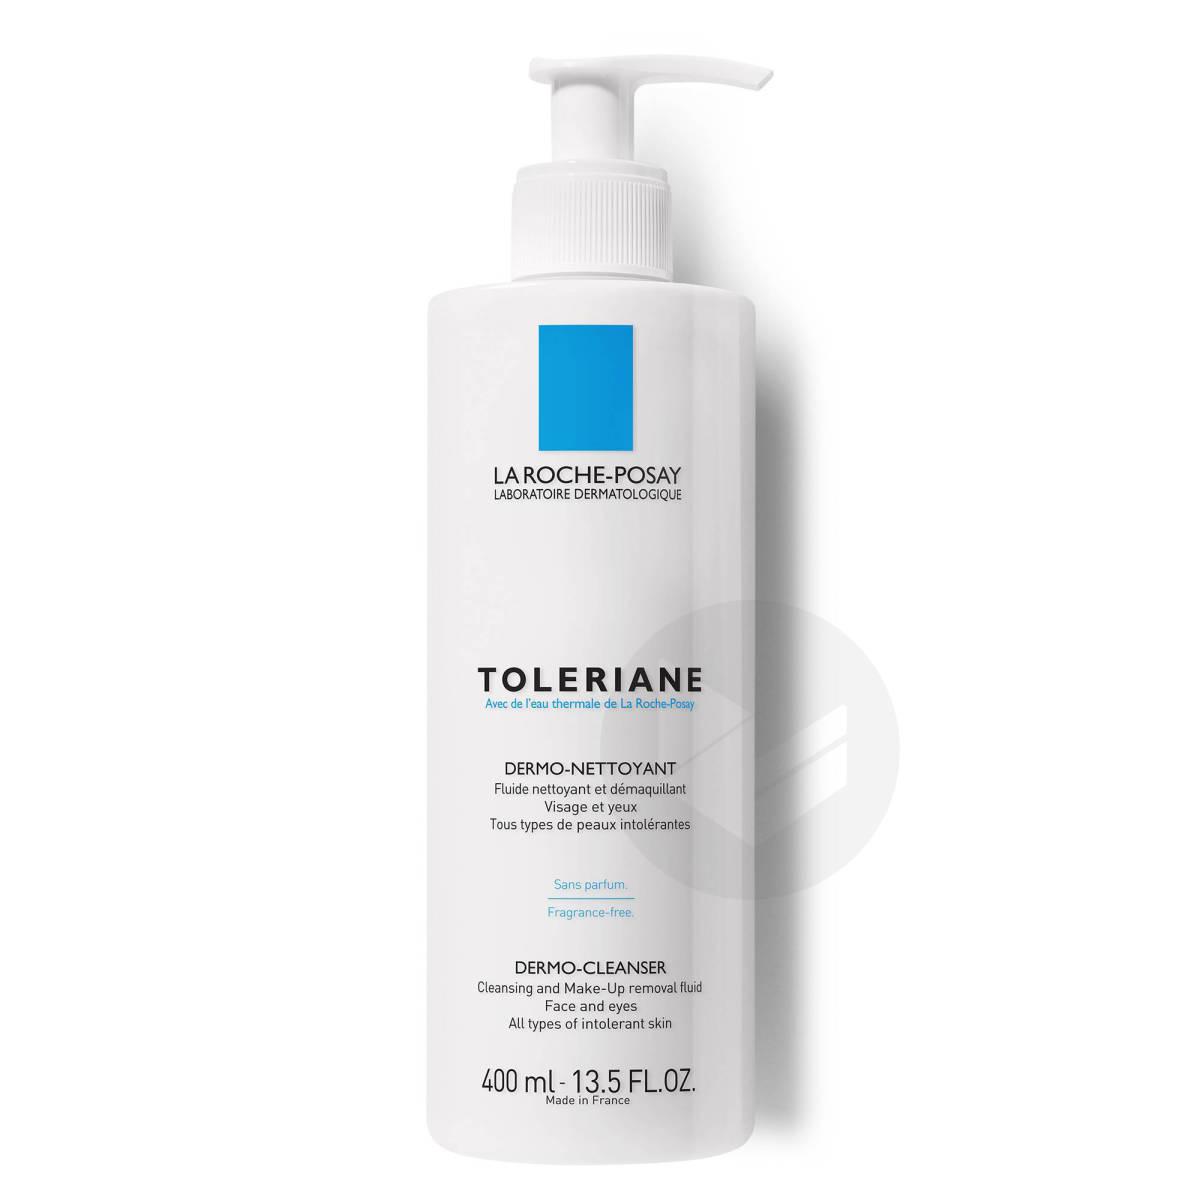 Toleriane Fluide nettoyant et démaquillant peaux sensibles à intolérantes 400ml